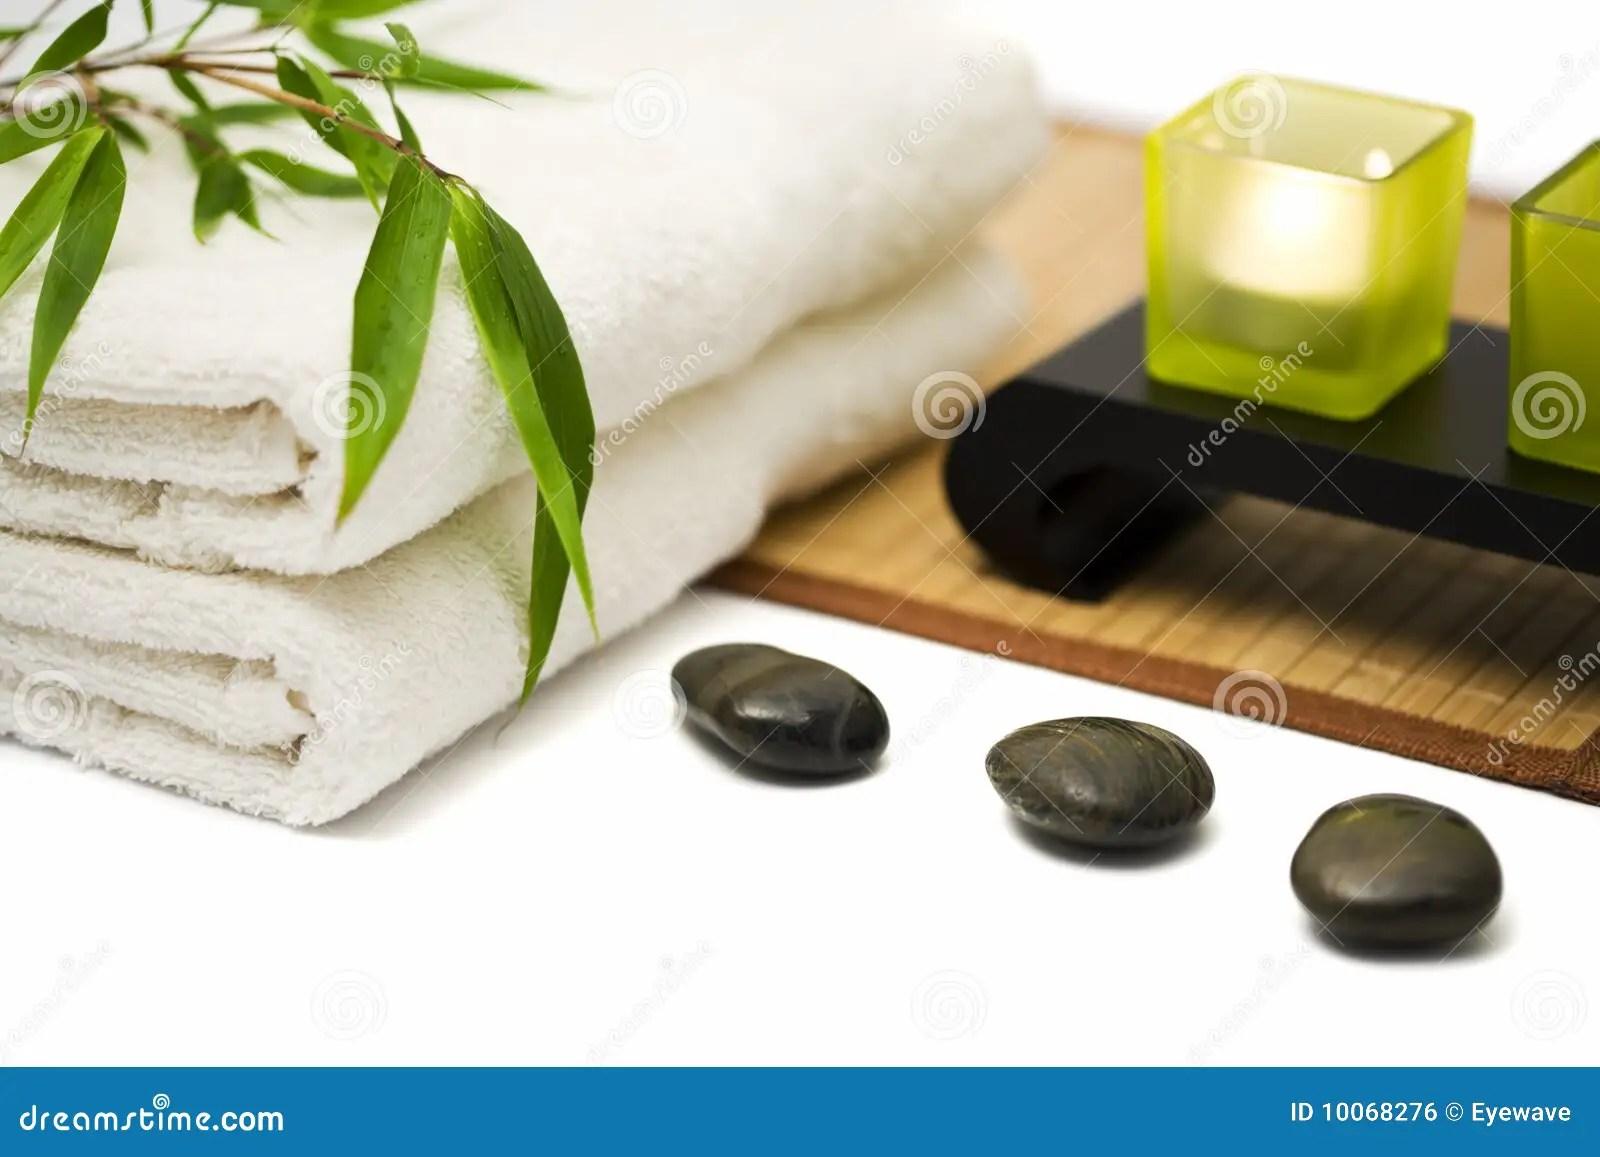 Spa background stock photo Image of freshness white